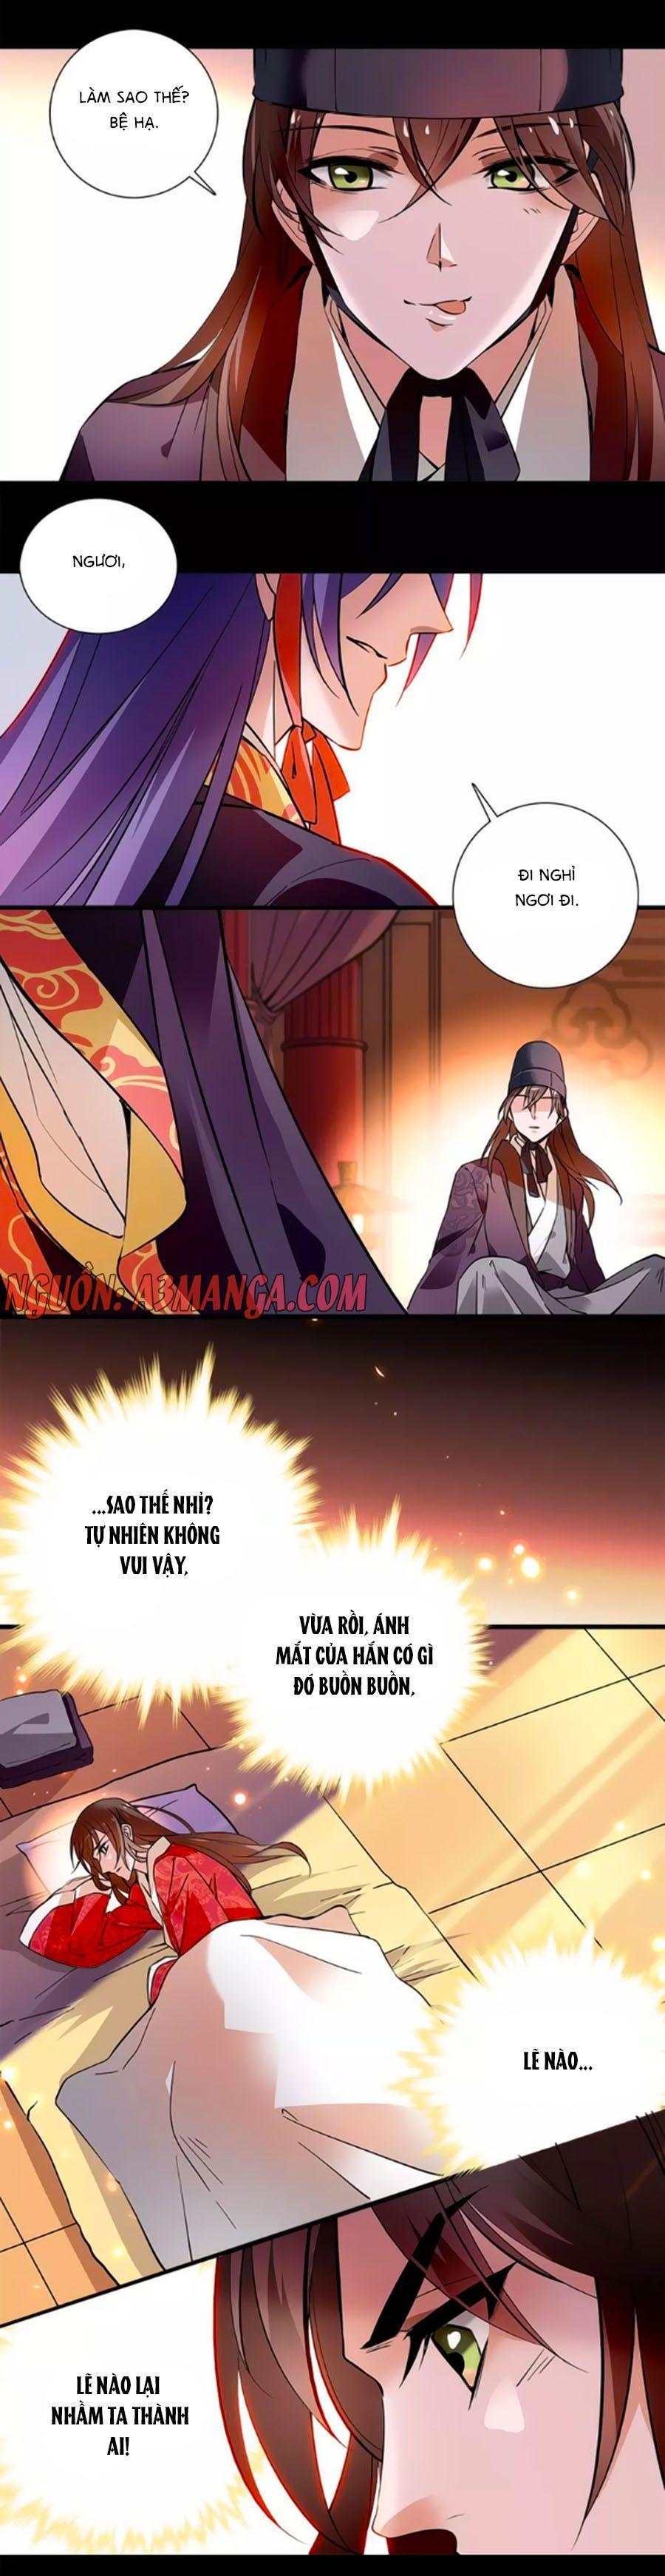 Hoàng Thượng! Hãy Sủng Ái Ta Đi! Chap 58